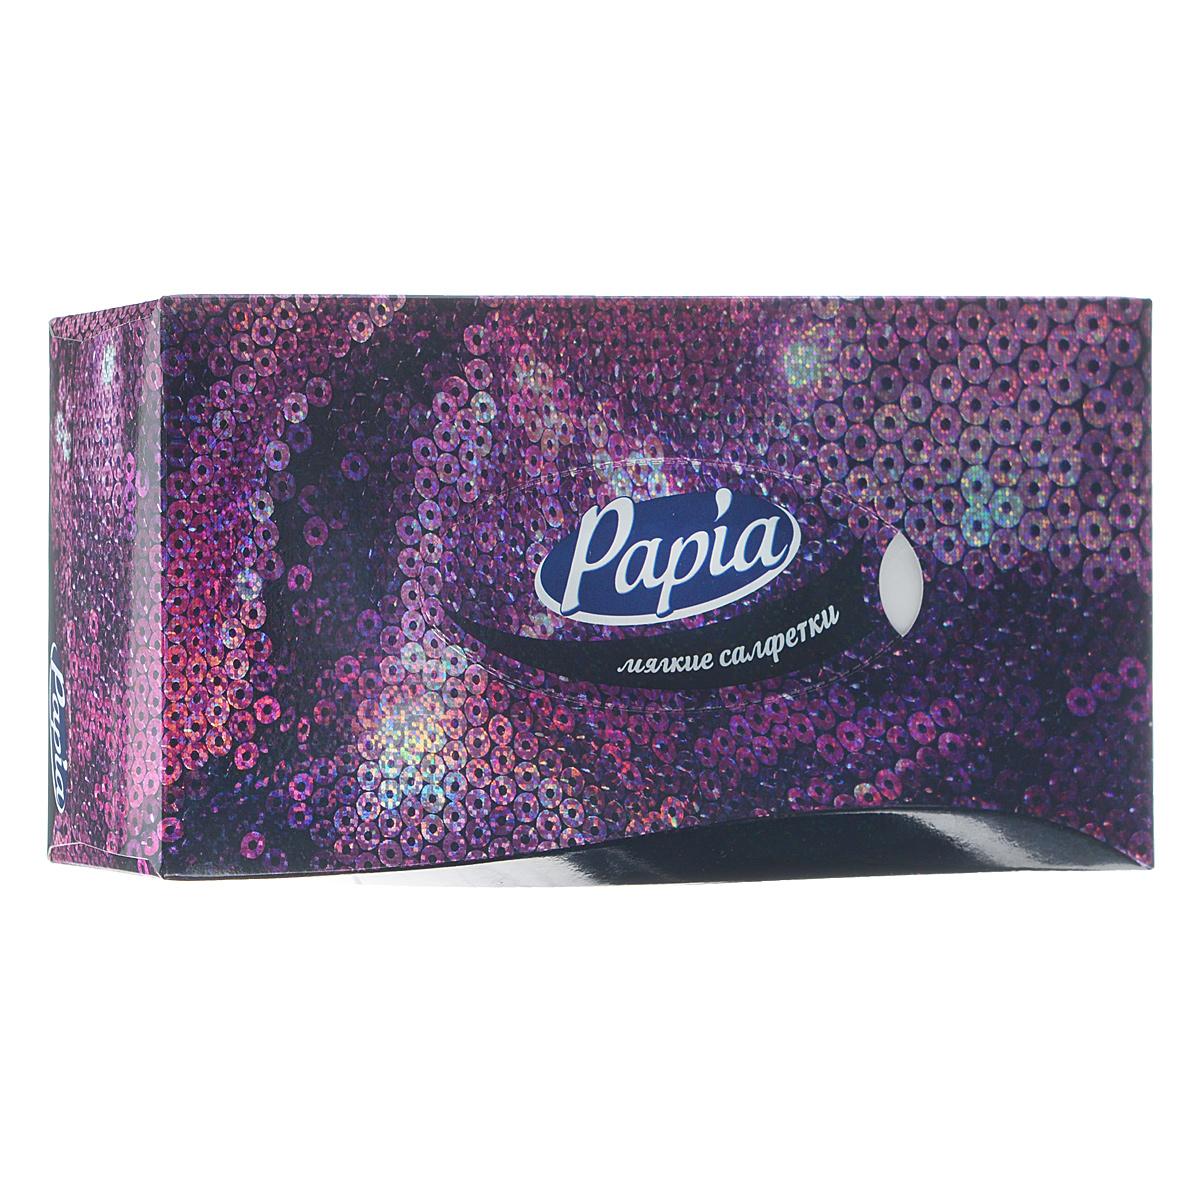 Салфетки бумажные Papia, трехслойные, цвет: фиолетовый, 21 x 21 см, 80 шт15309_фиолетовыйТрехслойные салфетки Papia выполнены из 100% целлюлозы. Салфетки подходят для косметического, санитарно-гигиенического и хозяйственного назначения. Нежные и мягкие, они удивят вас не только своим высоким качеством, но и внешним видом. Изделия упакованы в коробку, поэтому их удобно использовать дома или взять с собой в офис или машину. Размер салфеток: 21 см х 21 см.